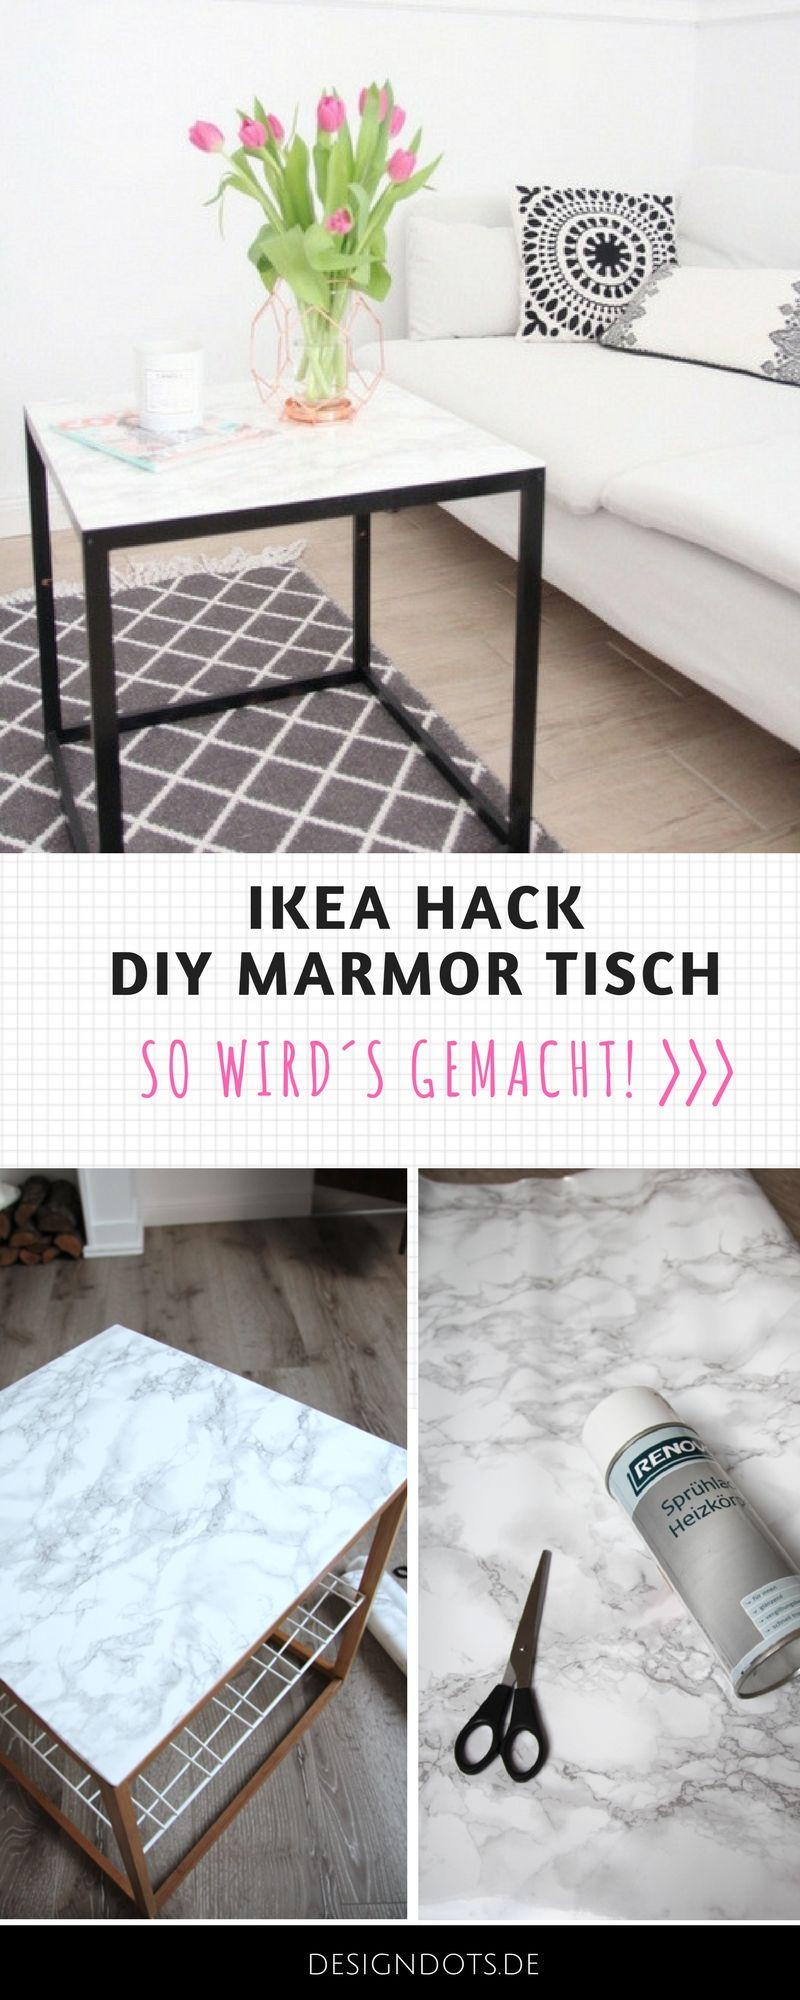 Ikea Hack Wohnzimmer, Ikea Hack Kinderzimmer, Ikea Hack Schlafzimmer, Ikea  Hacks, Ikea Hack Küche, Diy Ikea Hack, Ikea Hack Ideen, Ikea Hack  Inspirationen, ...